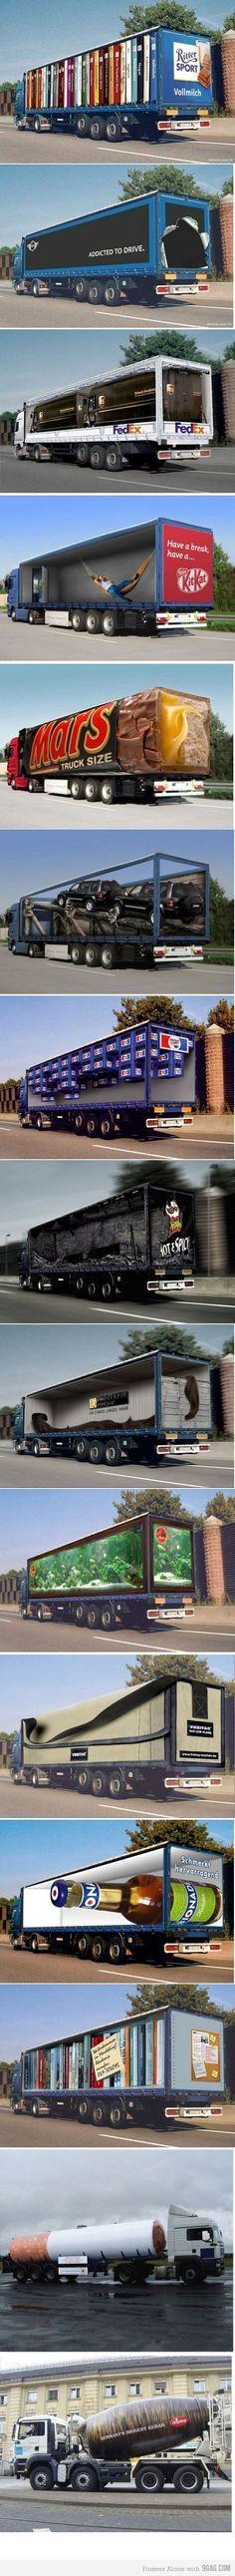 Auto • Kreative LKW-Werbung